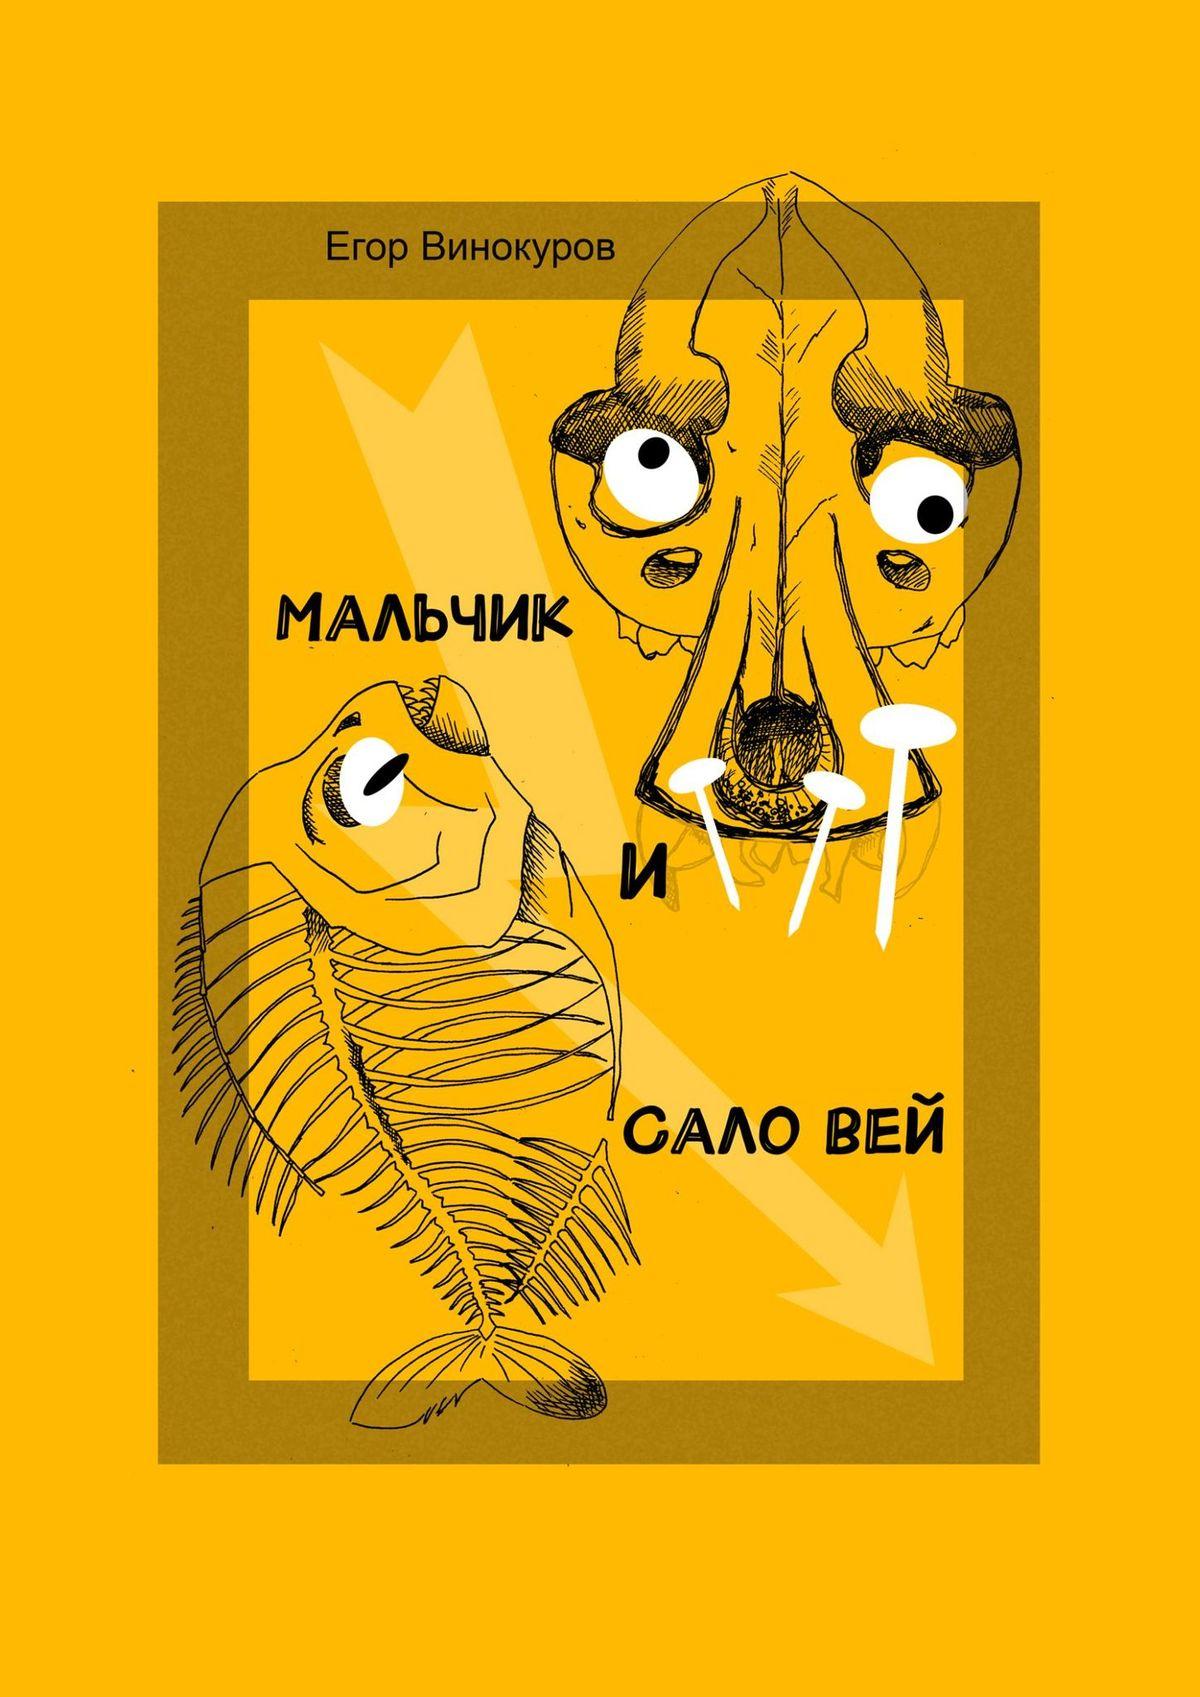 Егор Сергеевич Винокуров Мальчик и САЛОвей. Столкнулись старые враги иновые друзья тарифный план